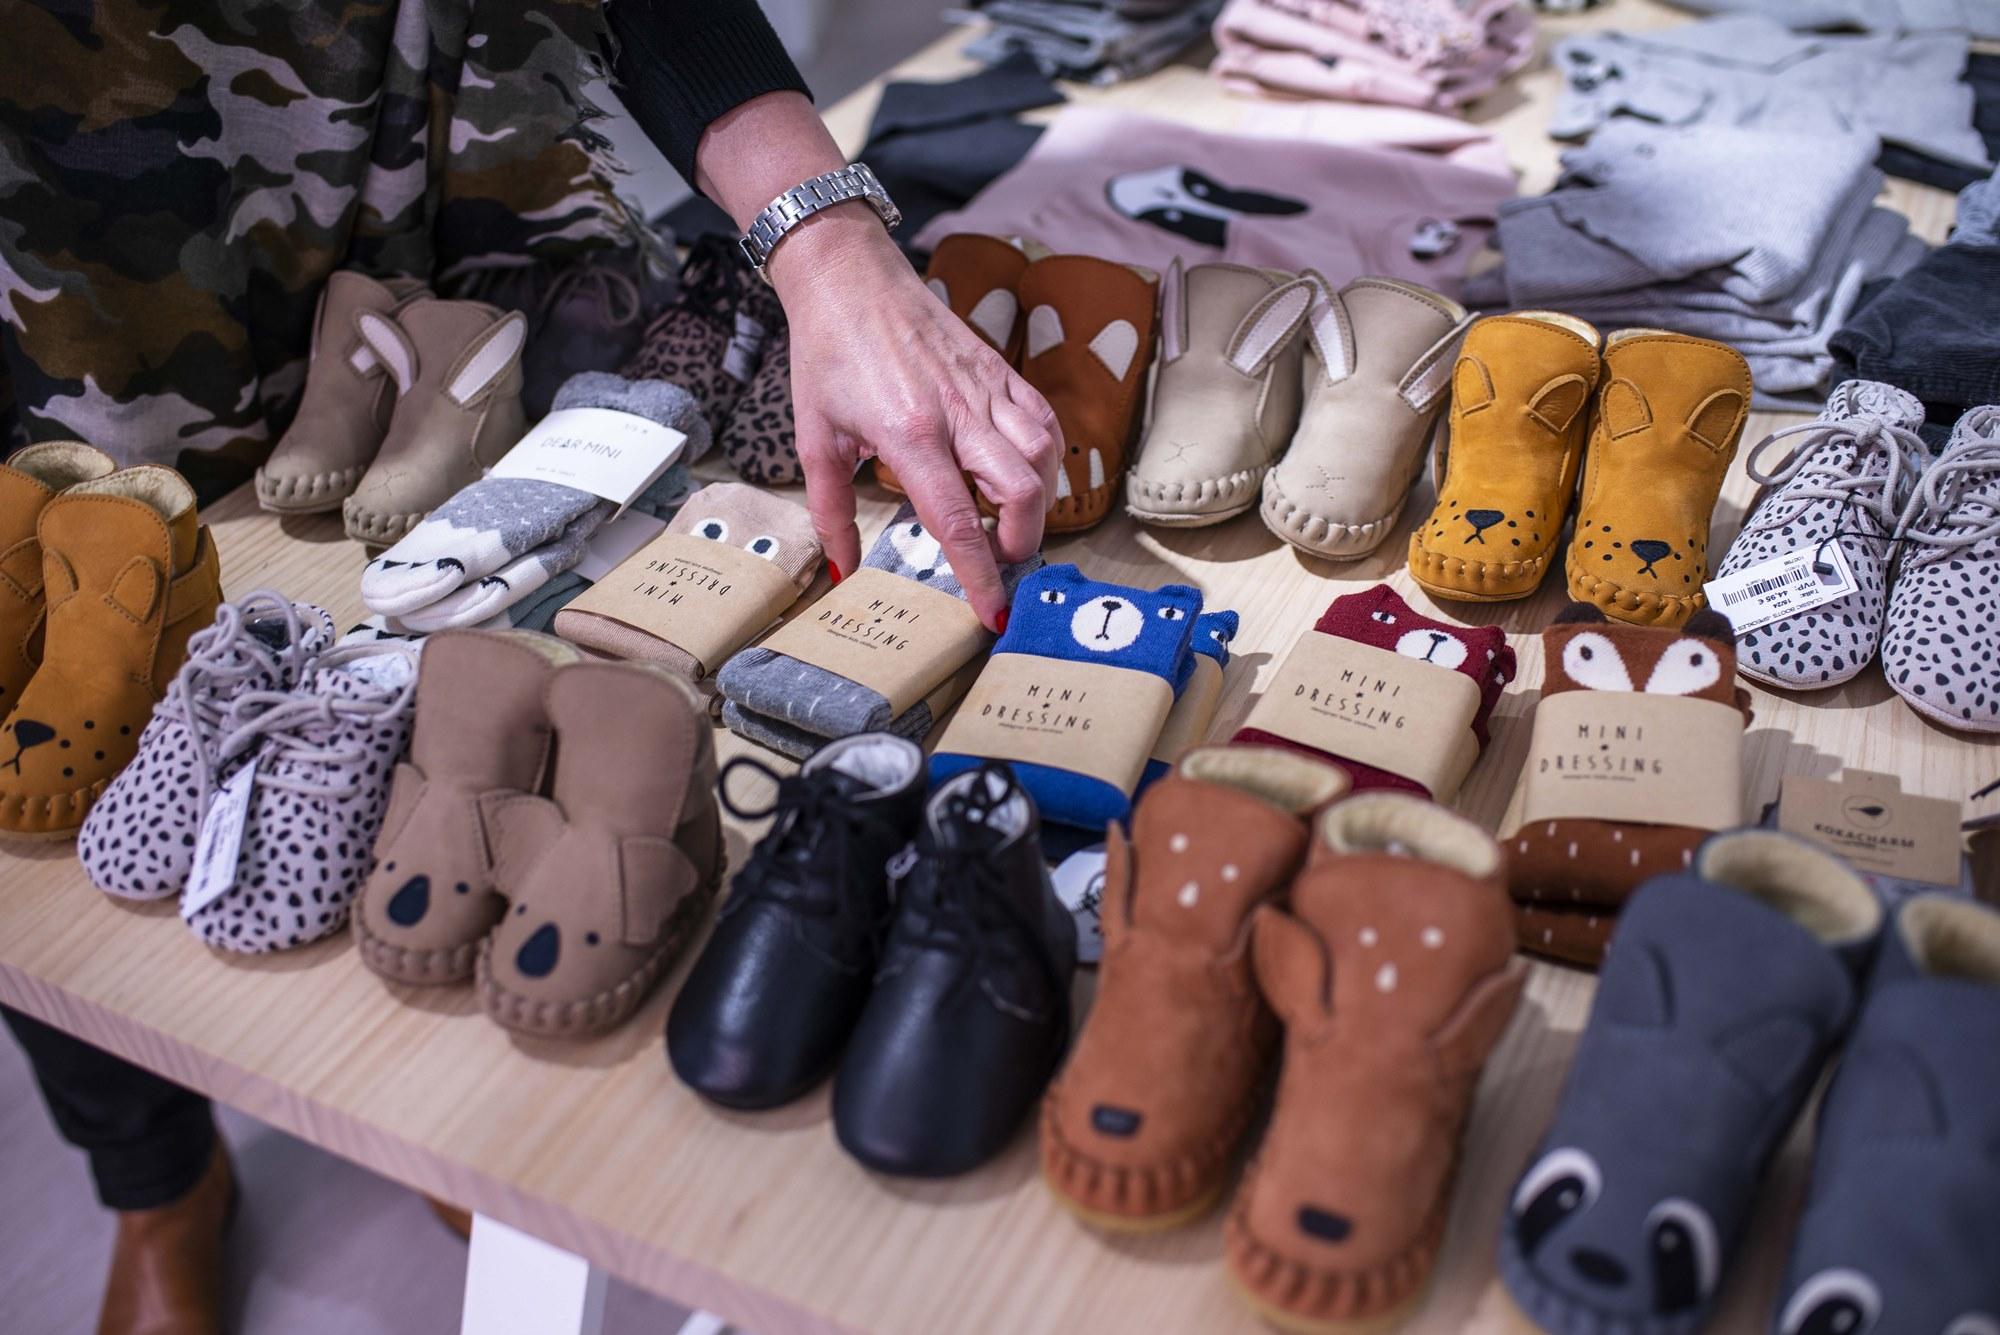 Los patucos, prenda típica para regalar a los bebés, con un enfoque distinto.